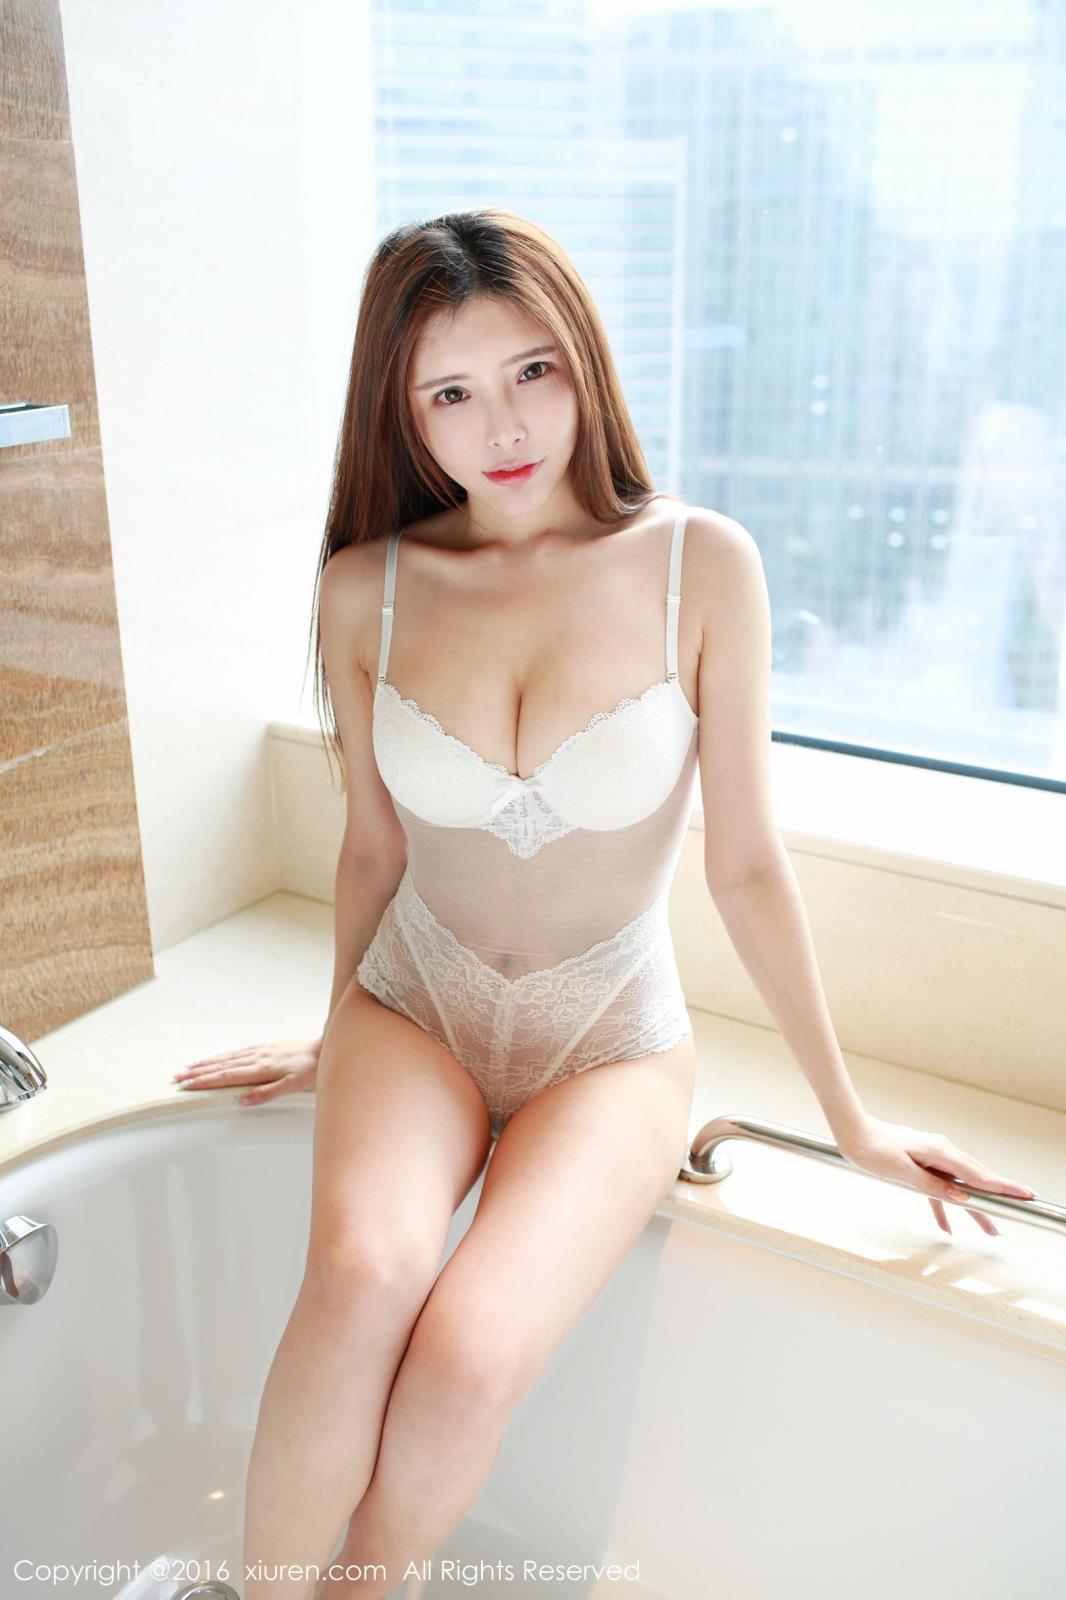 内衣诱惑美胸性感美女美女模特秀人网-[夏小秋]超高清写真图片 1620066374更新